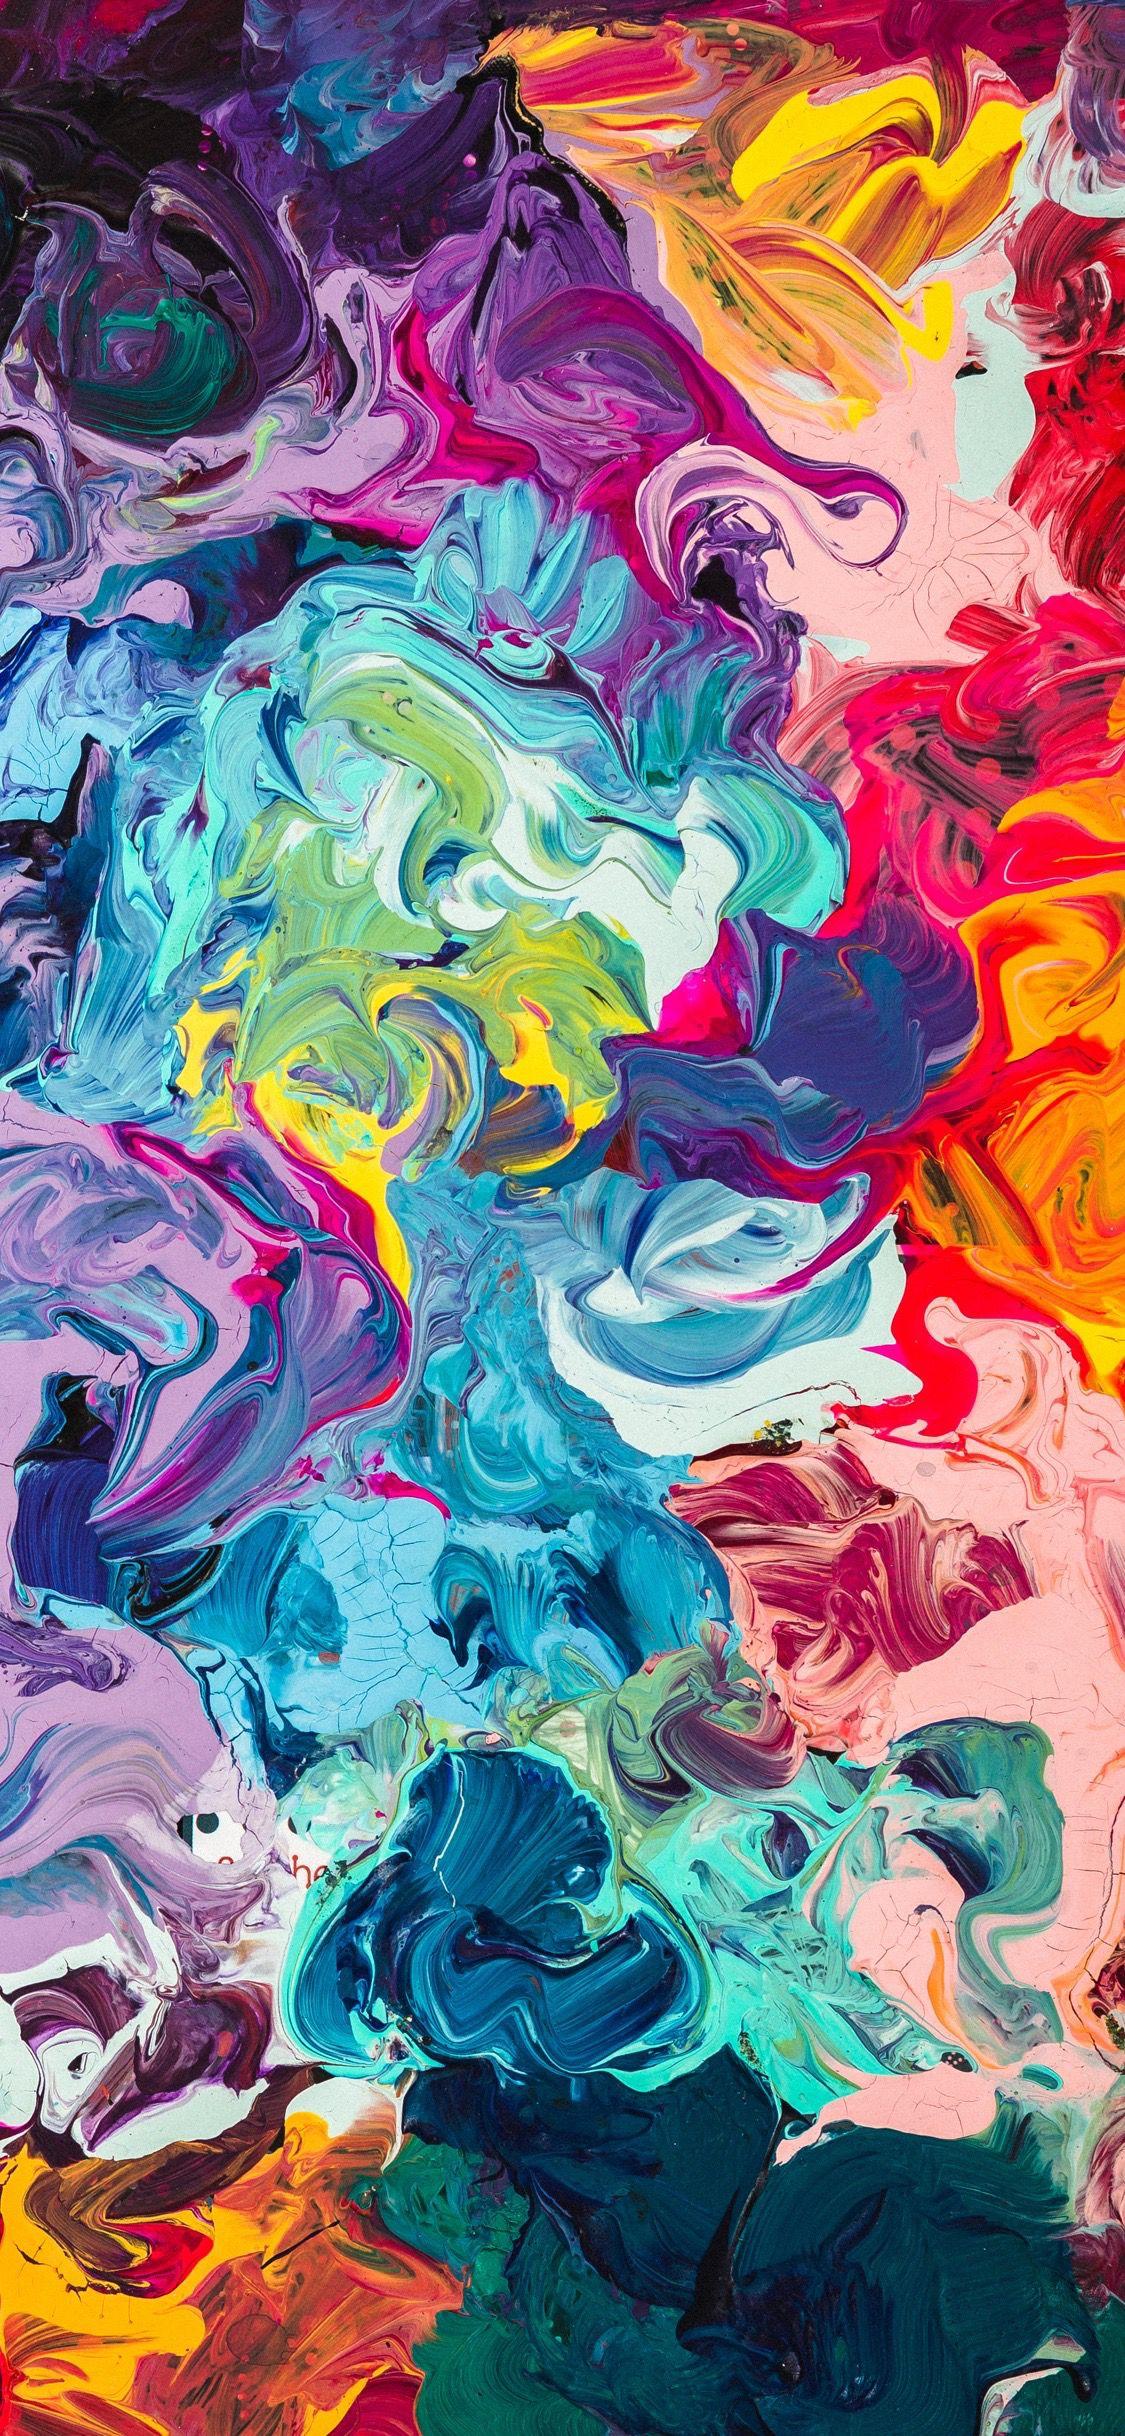 Pin by Priyank Jaiswal on Abstract Abstract art